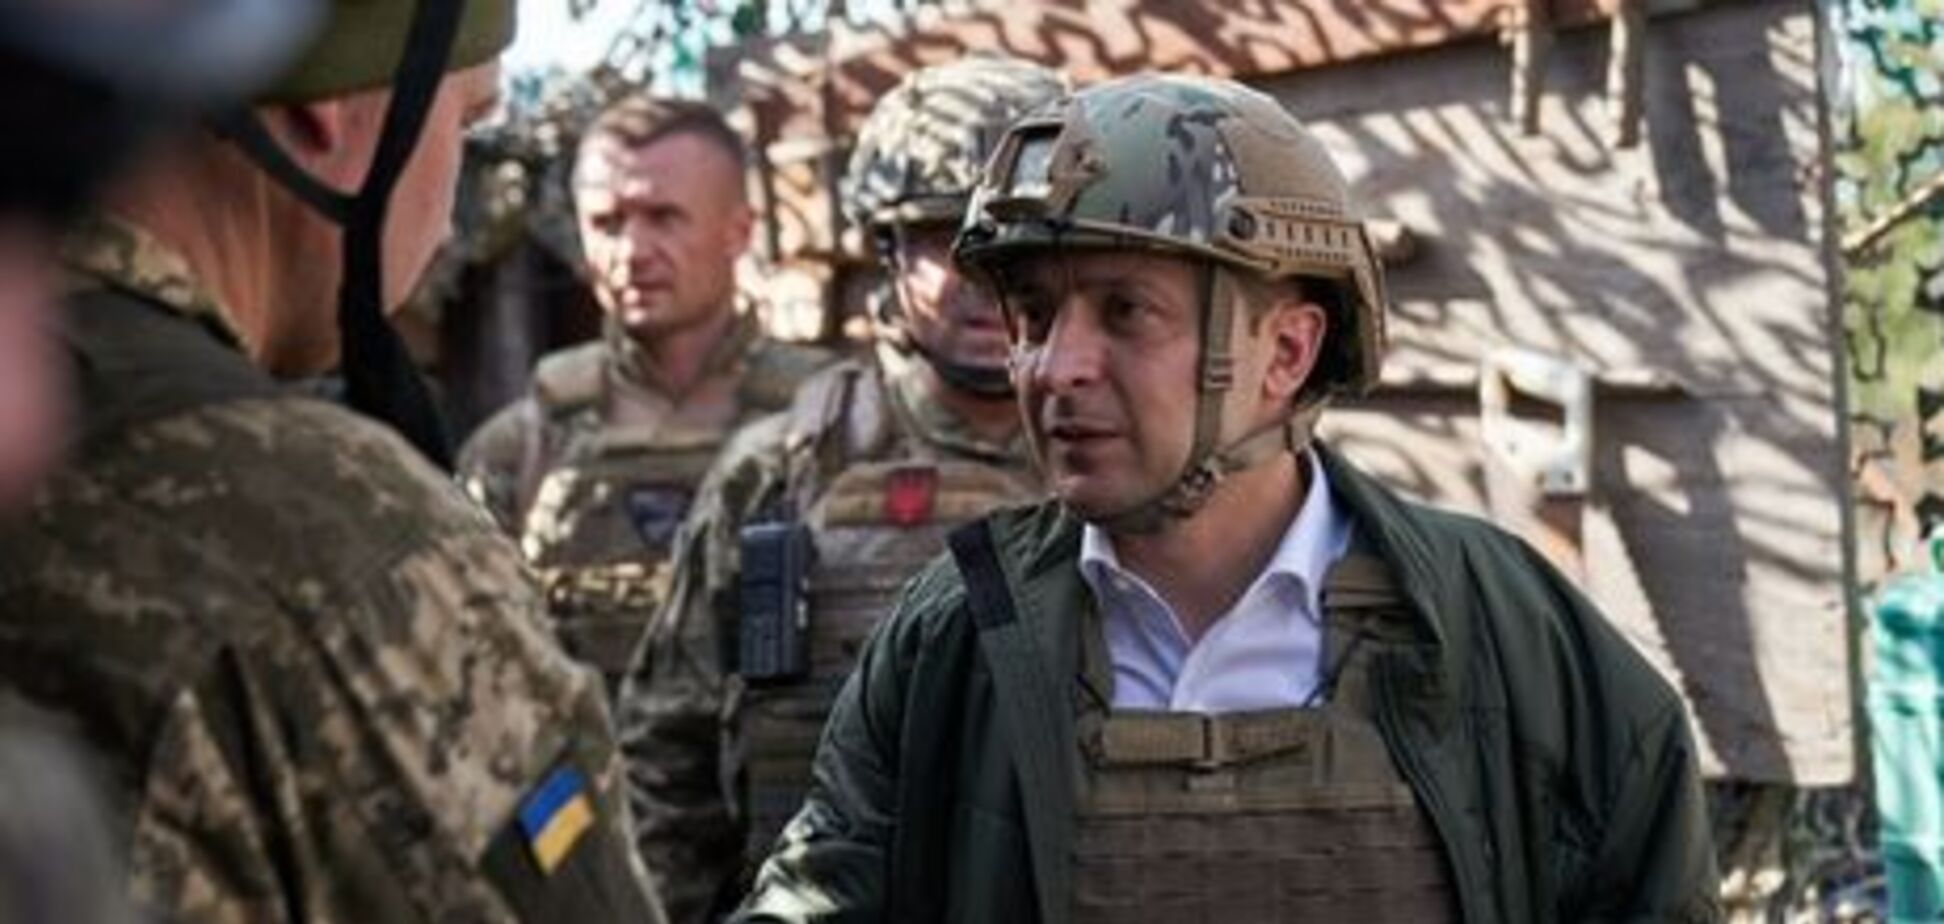 'Фото щоразу виставляв сам!' Зеленському нагадали хронологію його жорстких проколів через Донбас